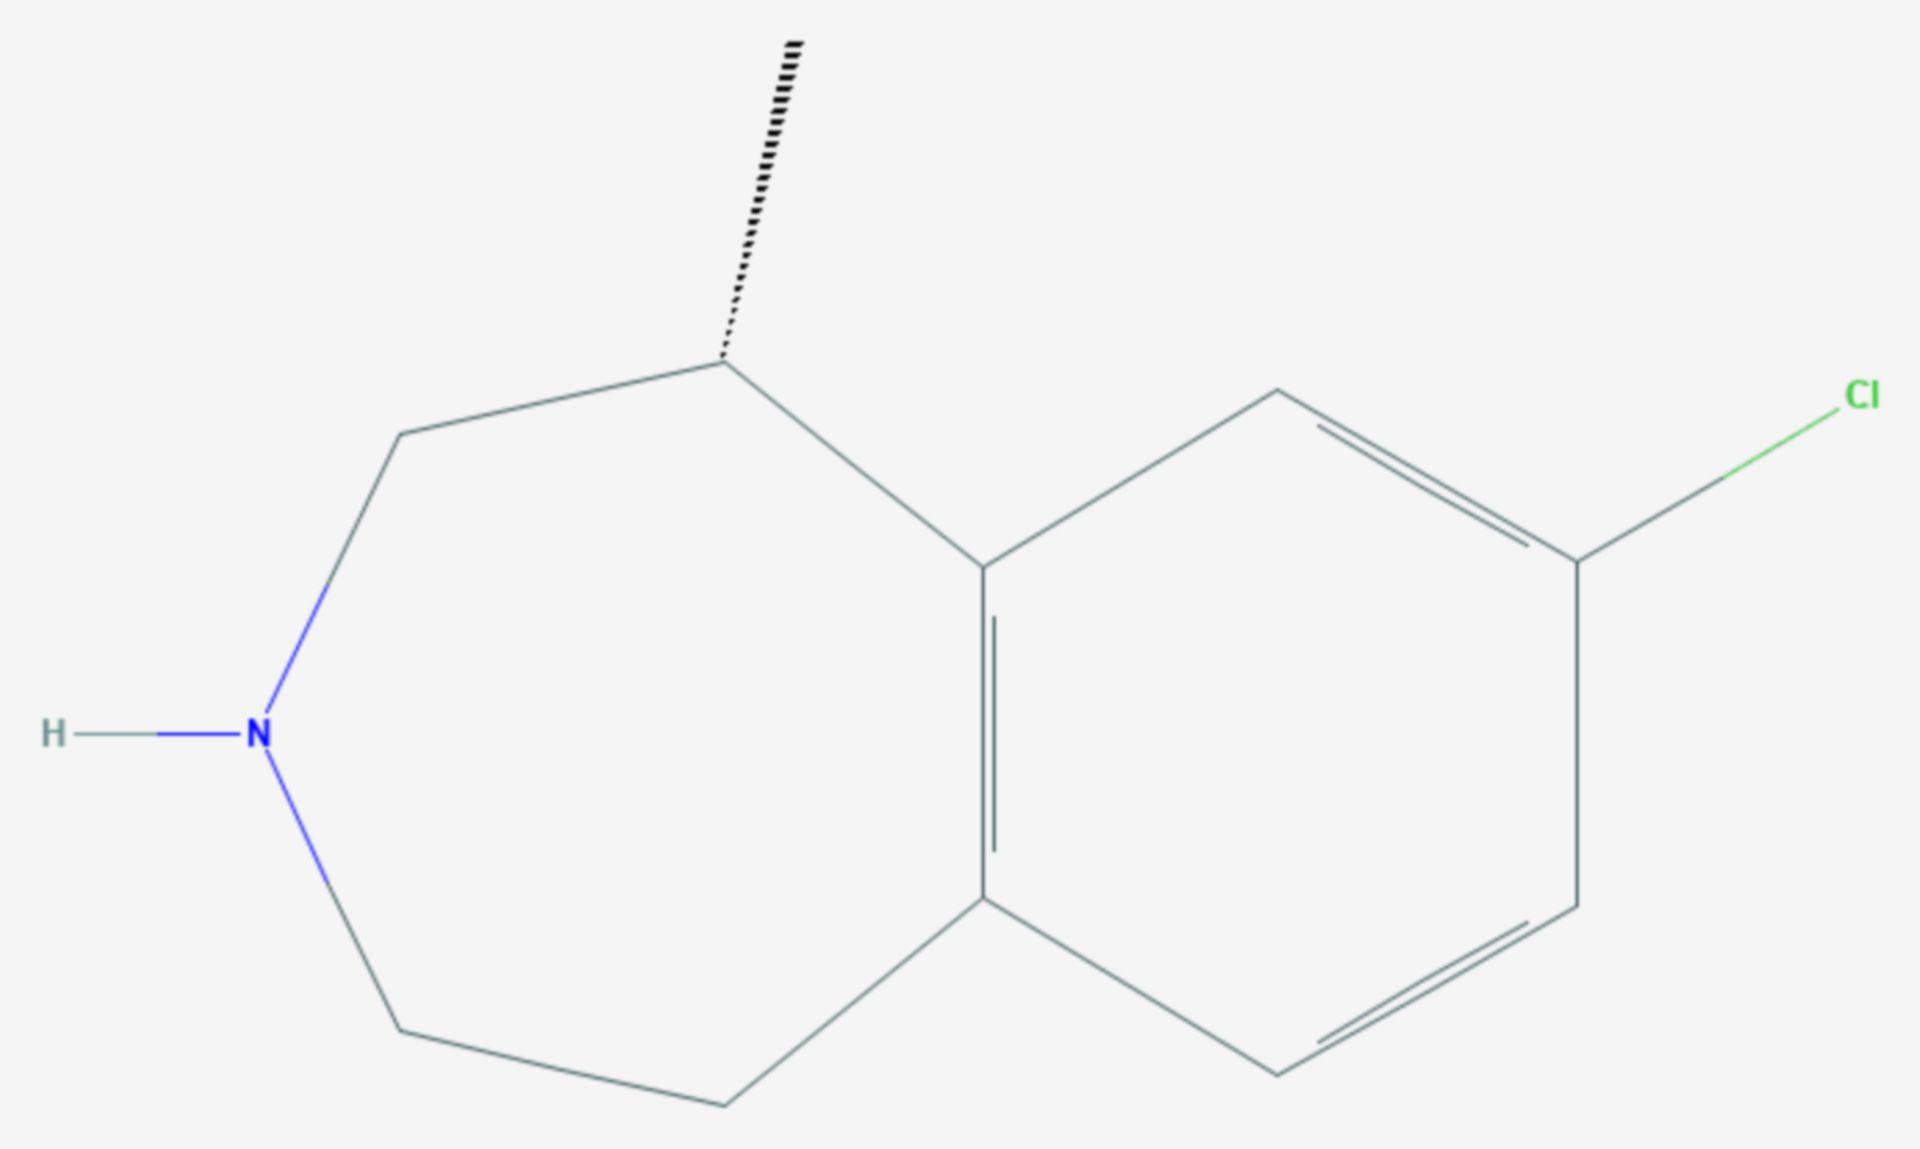 Lorcaserin (Strukturformel)